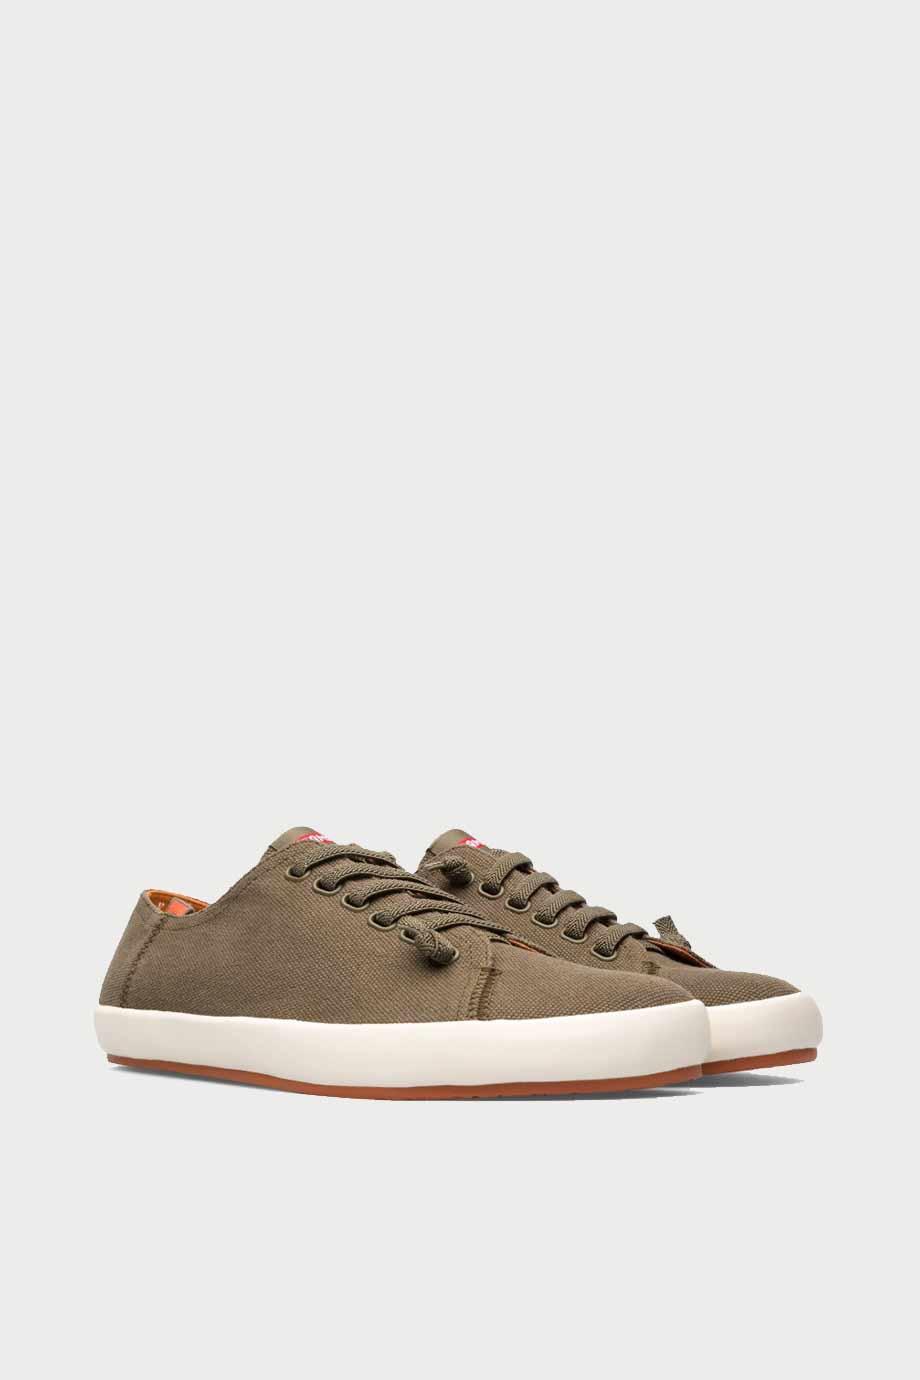 spiridoula metheniti shoes xalkida p Camper 18869 067 Peu Rambia Vulkanizac green 2